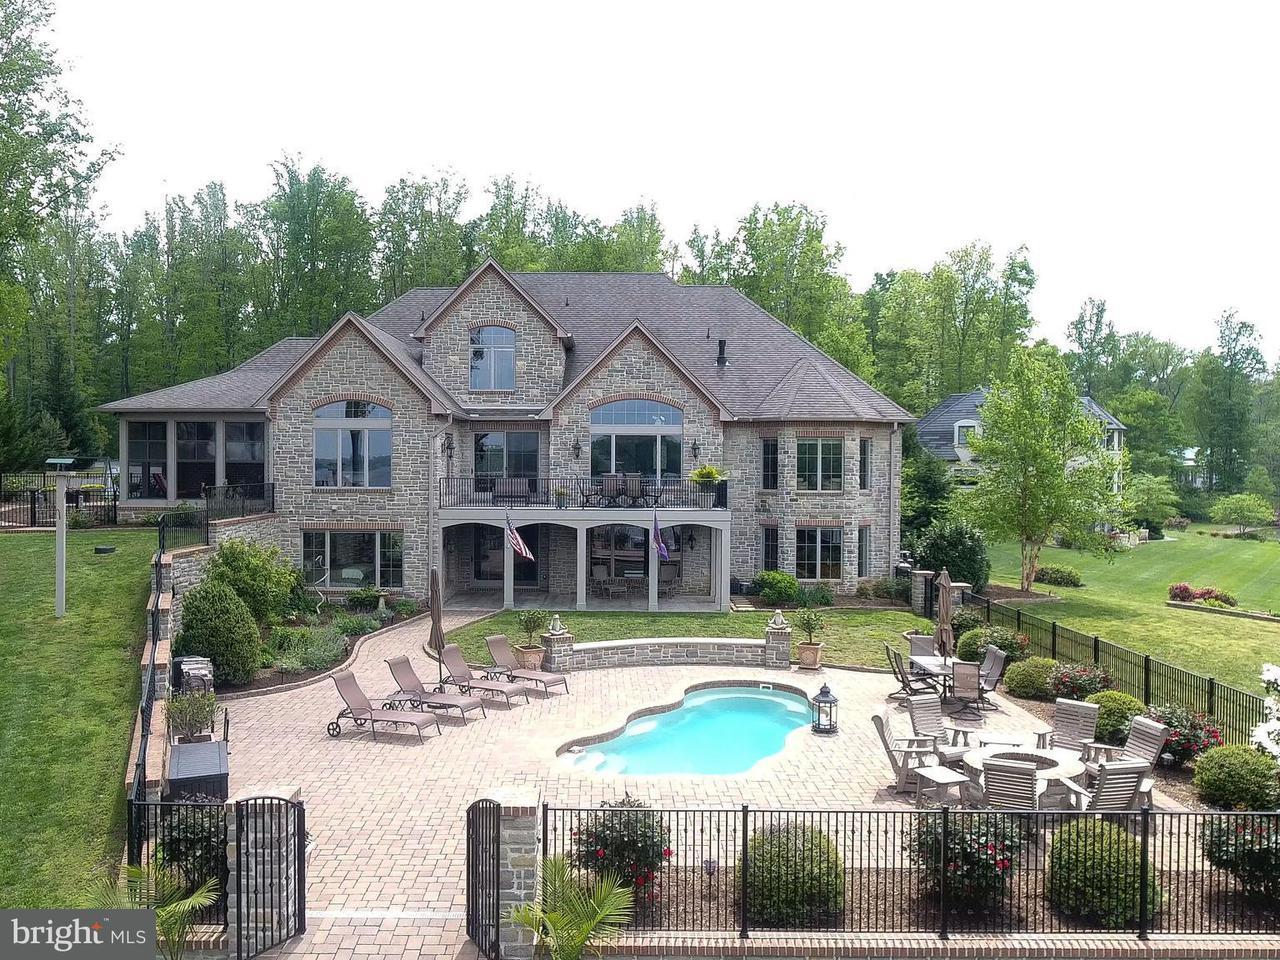 独户住宅 为 销售 在 140 VILLAGE Drive 140 VILLAGE Drive Bumpass, 弗吉尼亚州 23024 美国